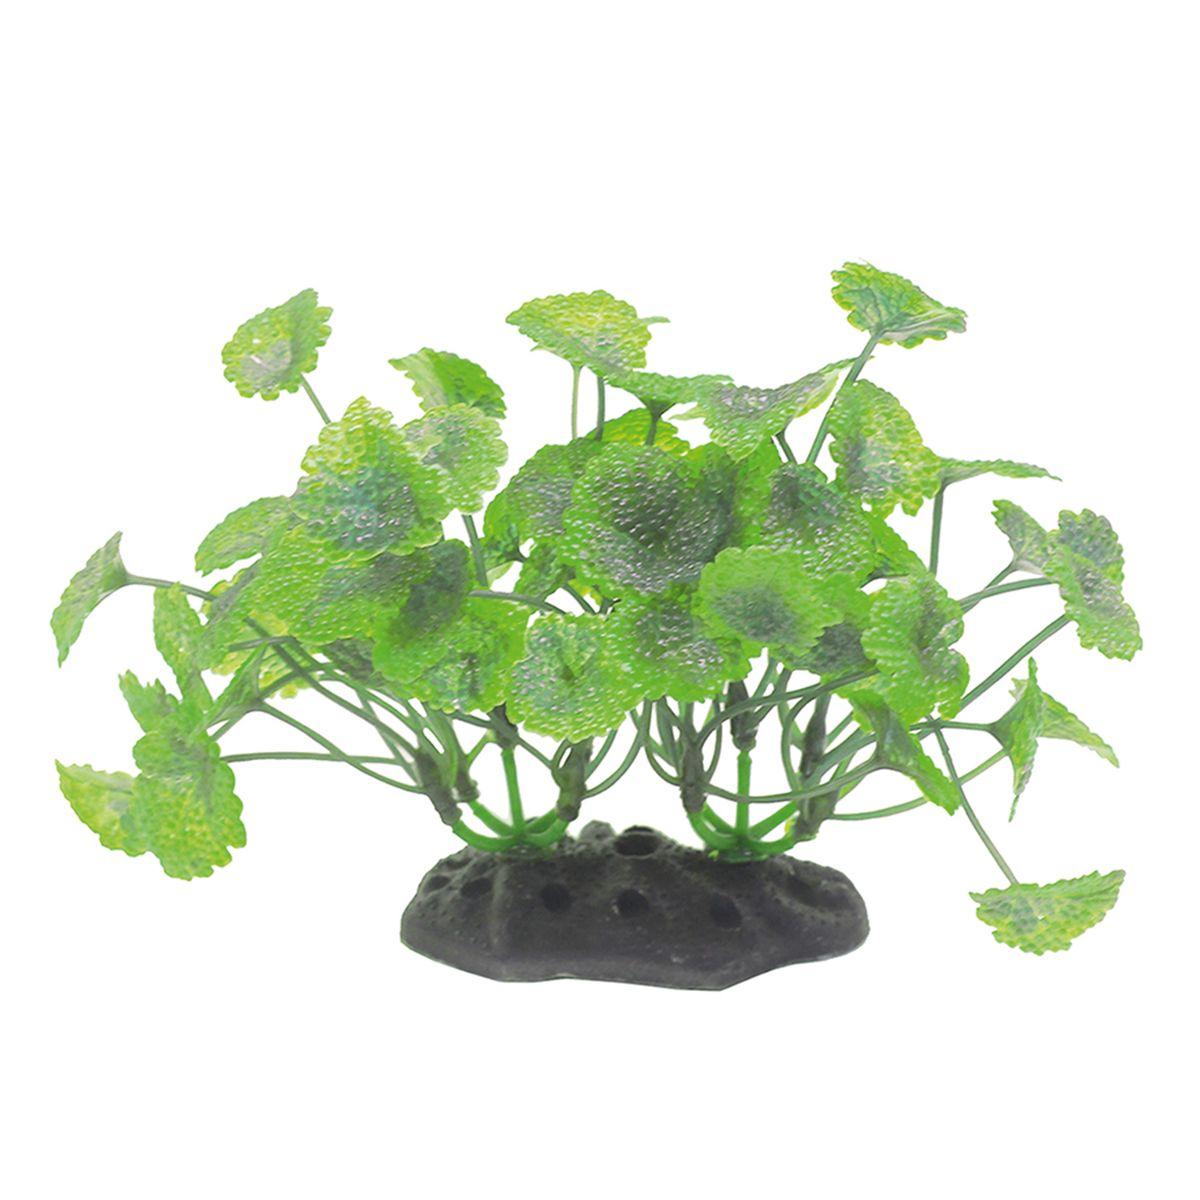 Растение для аквариума ArtUniq Щитолистник, высота 10-12 смART-1192104Растение для аквариума ArtUniq Щитолистник, высота 10-12 см